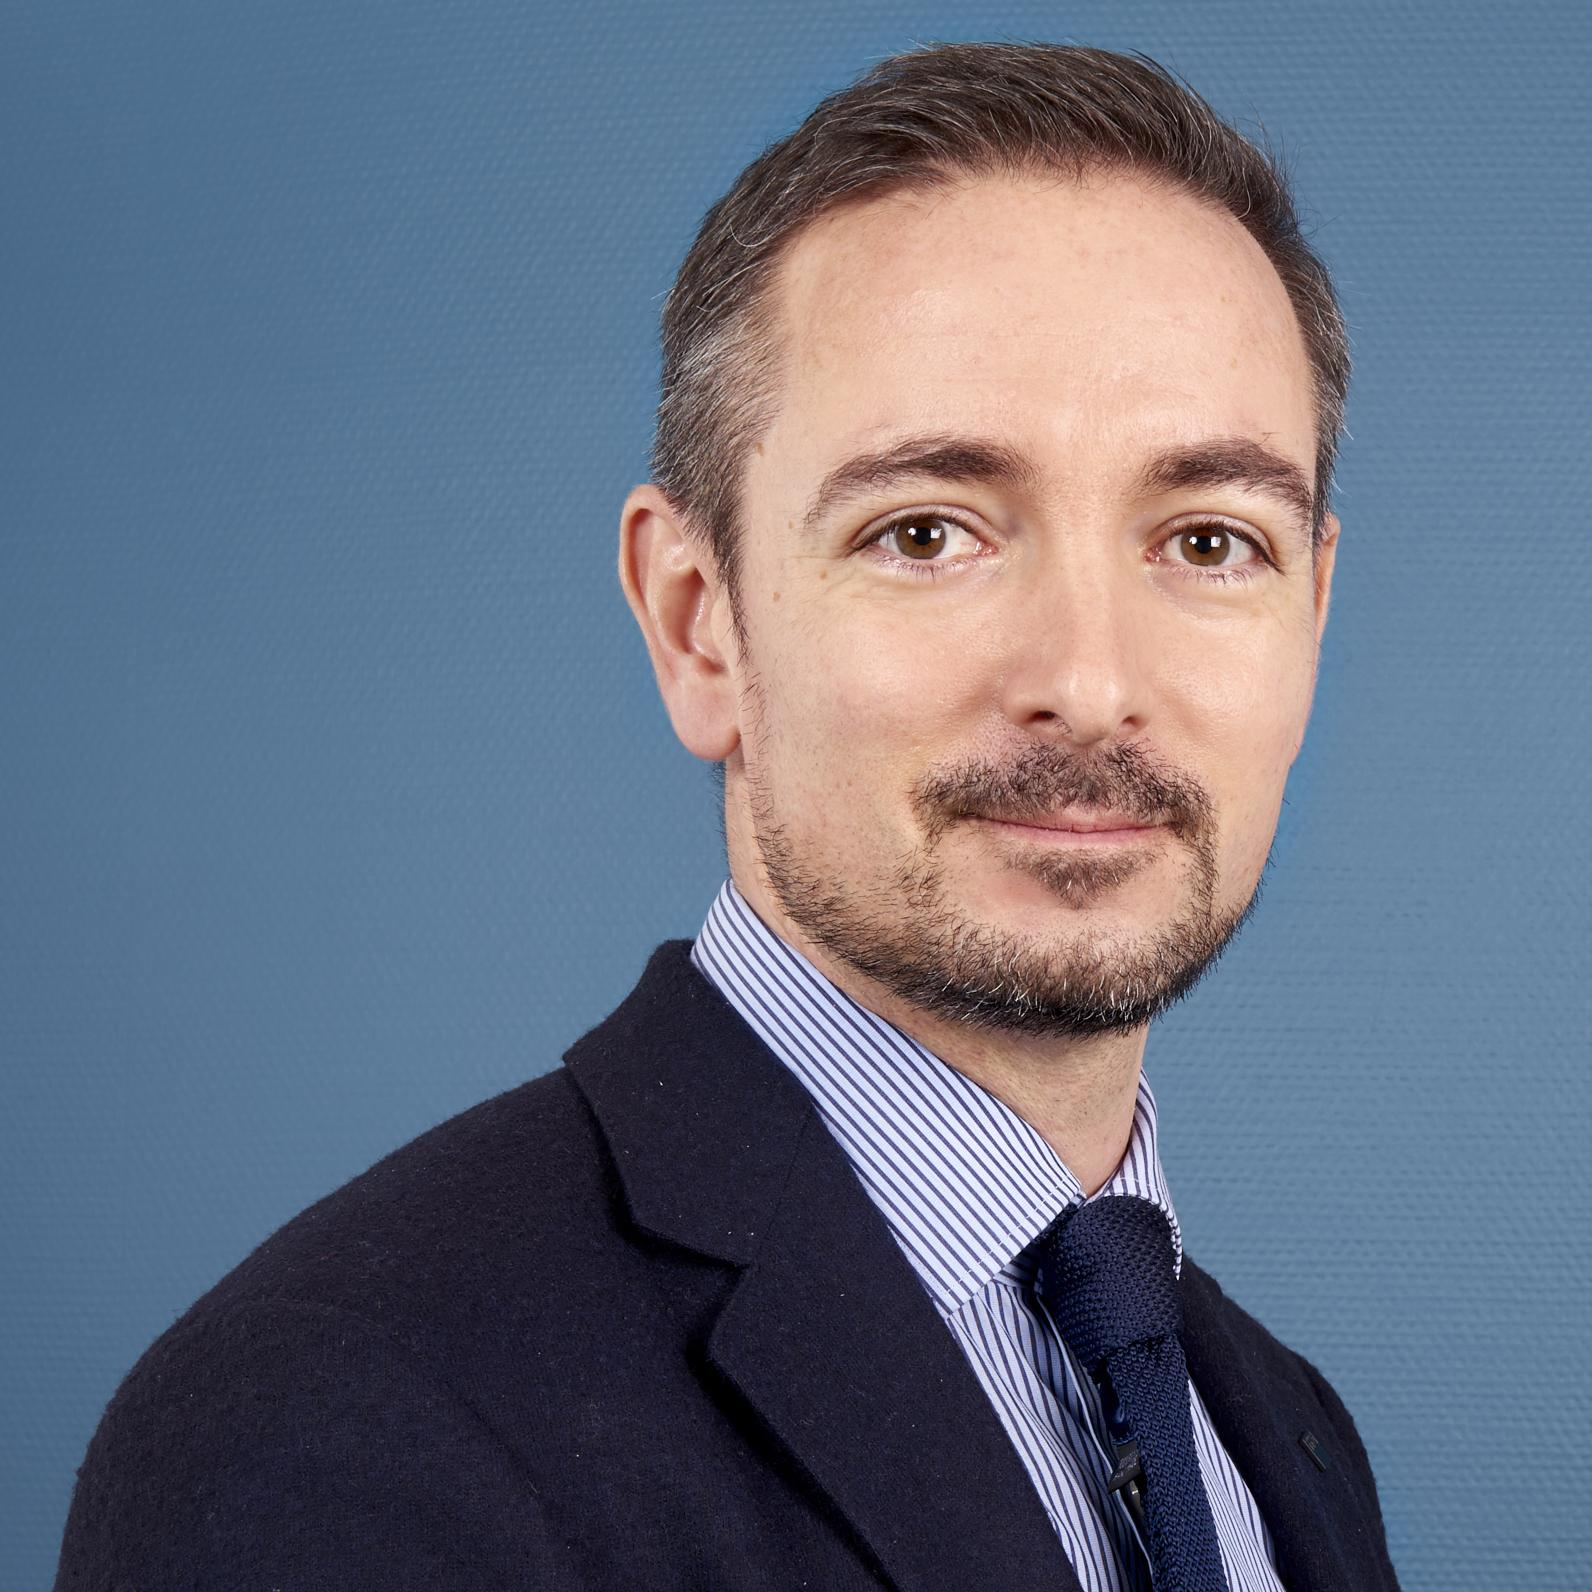 Jérôme CHAMOIS